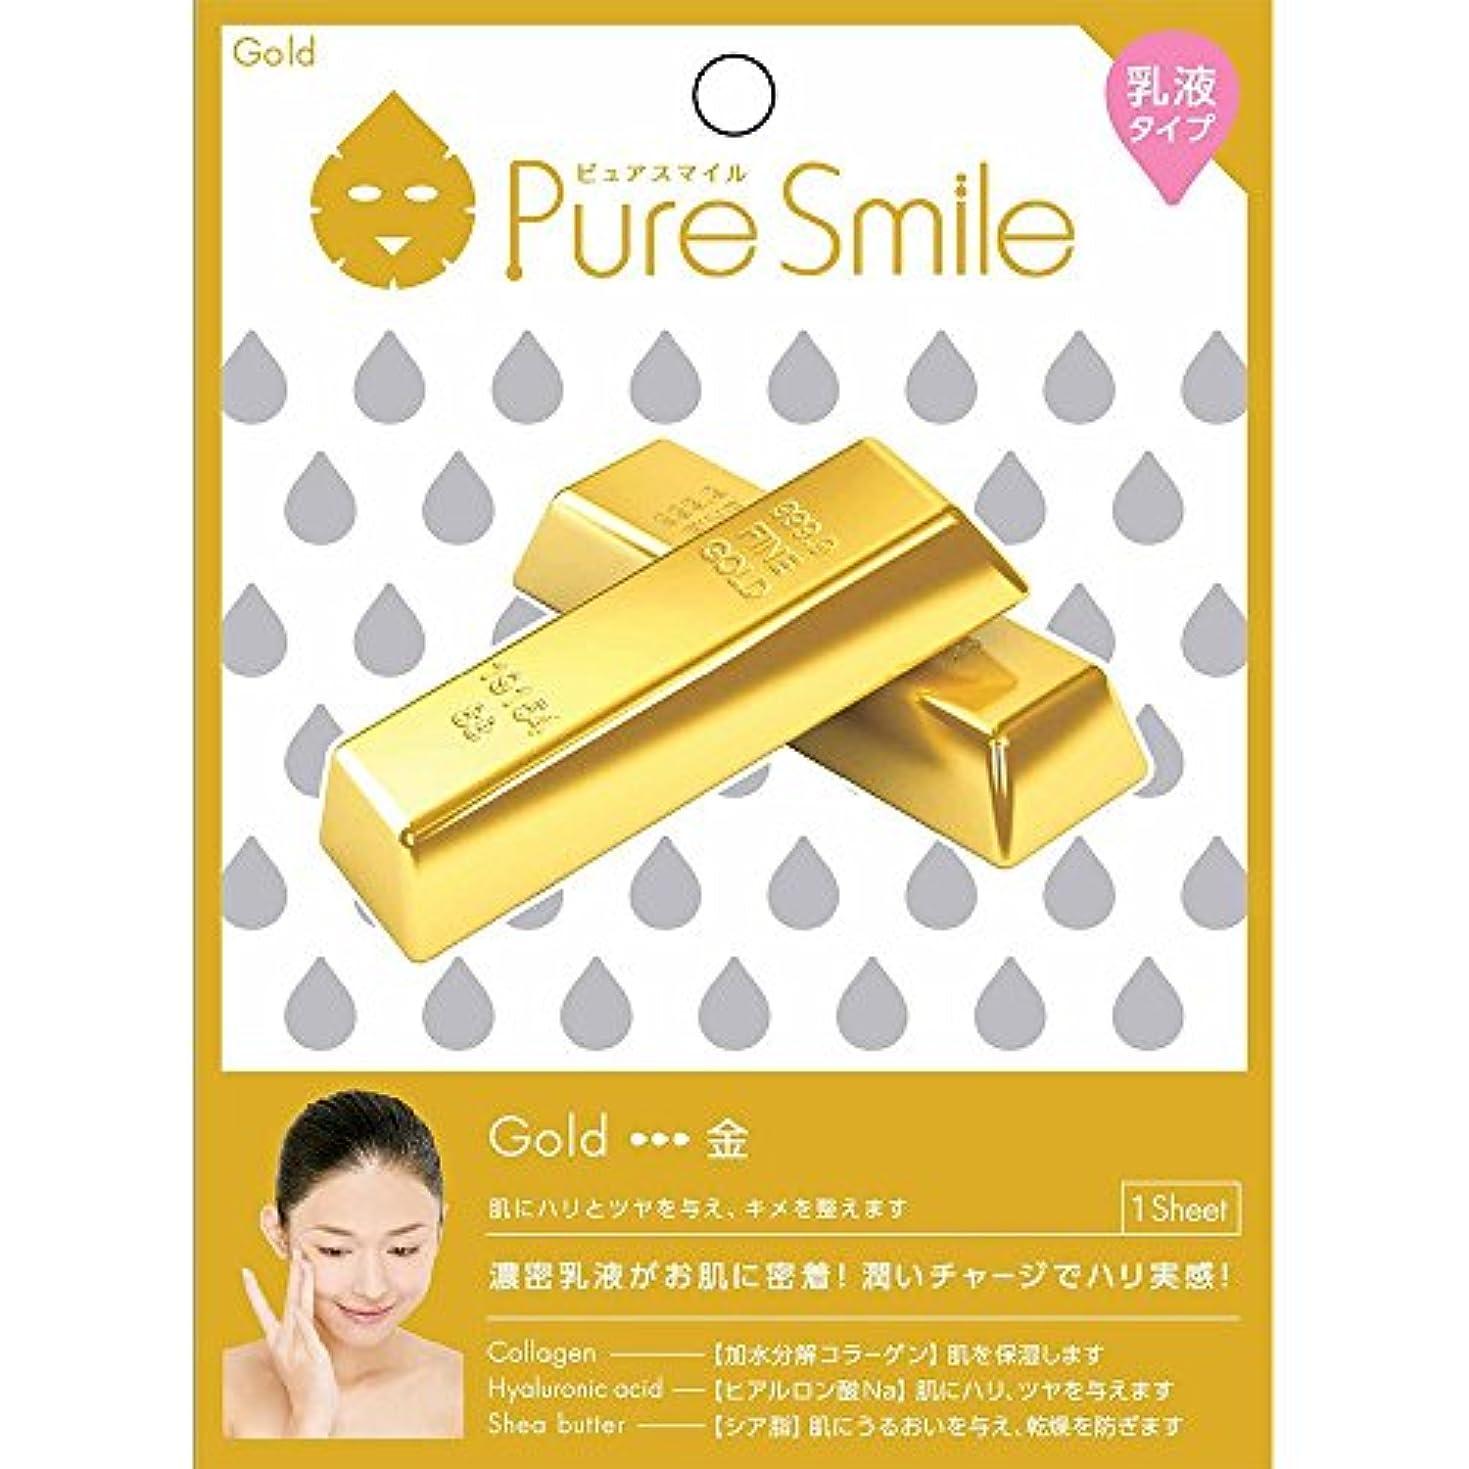 スタジアム理容師論争的Pure Smile(ピュアスマイル) 乳液エッセンスマスク 1 枚 金